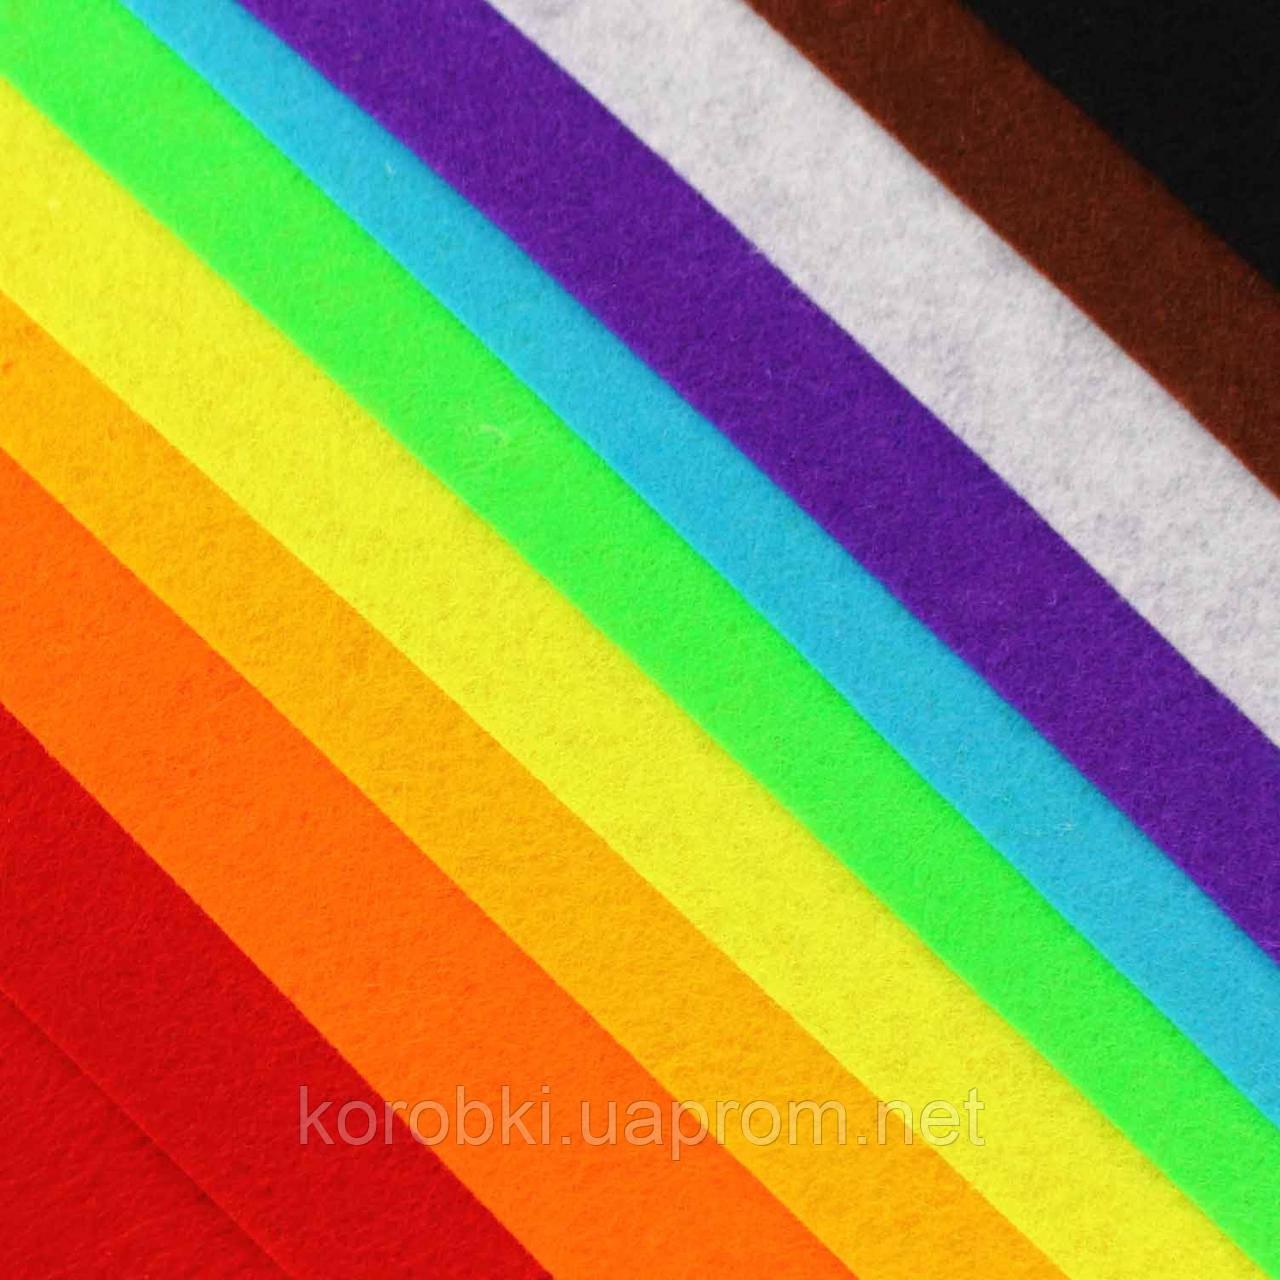 Фетр однотонный, МИКС 10 ЦВЕТОВ, 1824243-1 (70*50 см, толщина 1 мм, 10 листов в упаковке)